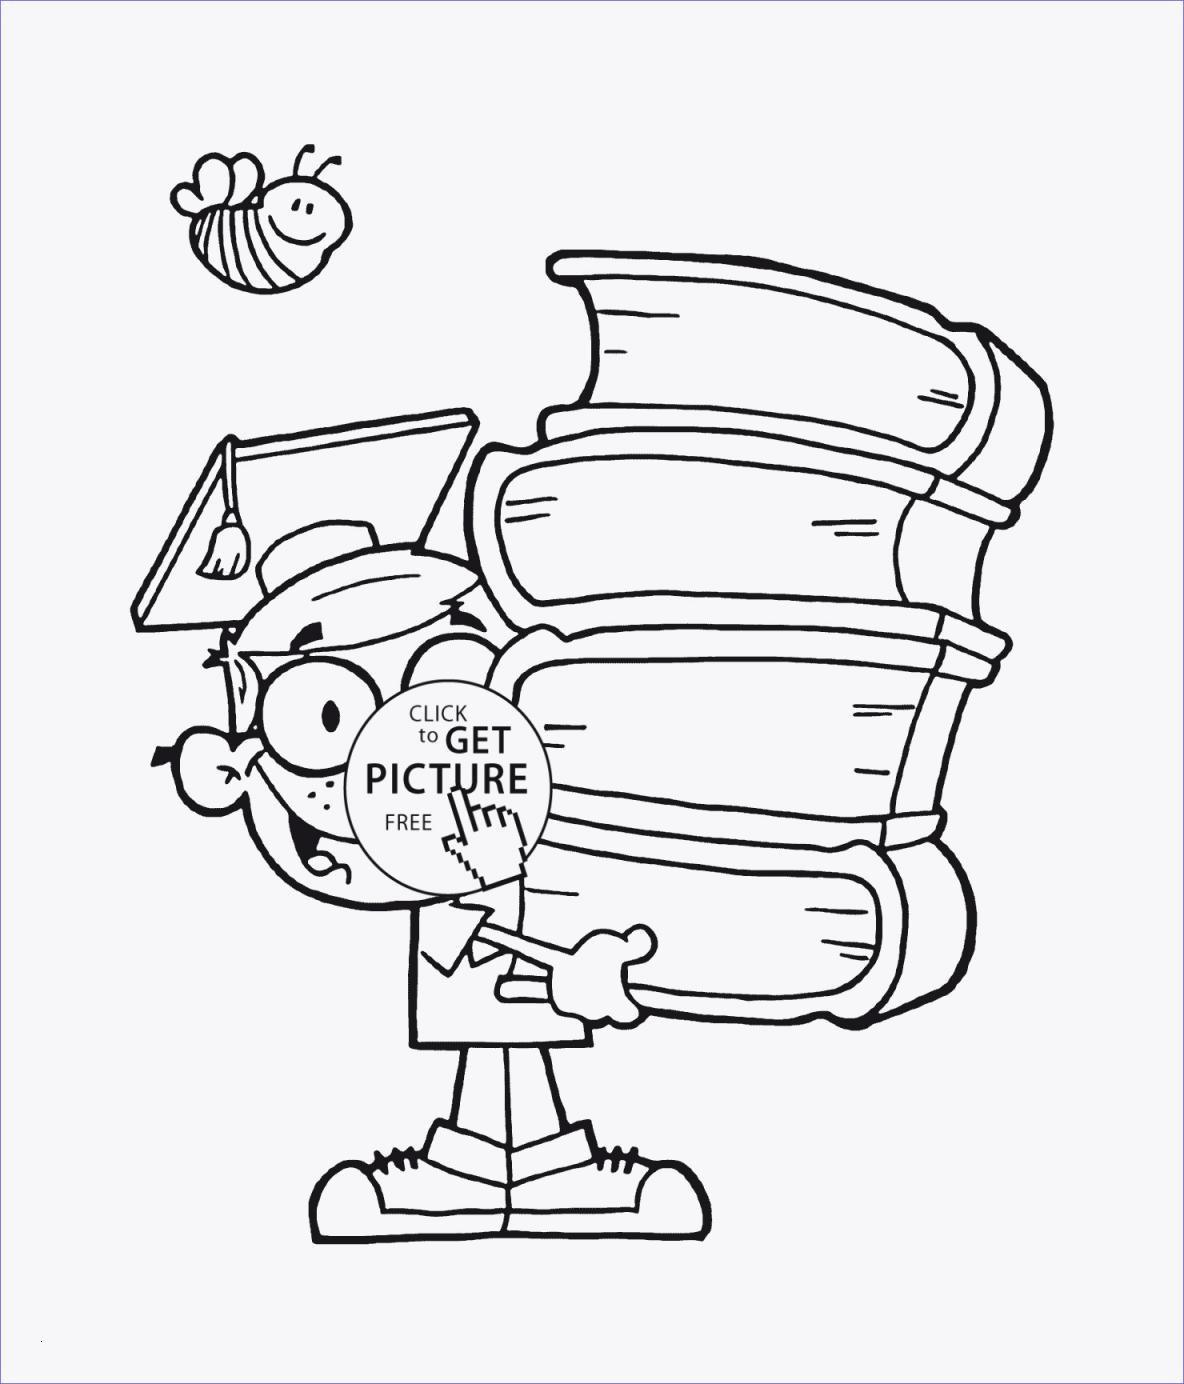 Einhorn Emoji Zum Ausmalen Inspirierend Ausmalbild Einhörner Einhorn Auf Dem Weg Kostenlos Ausdrucken Luxus Sammlung